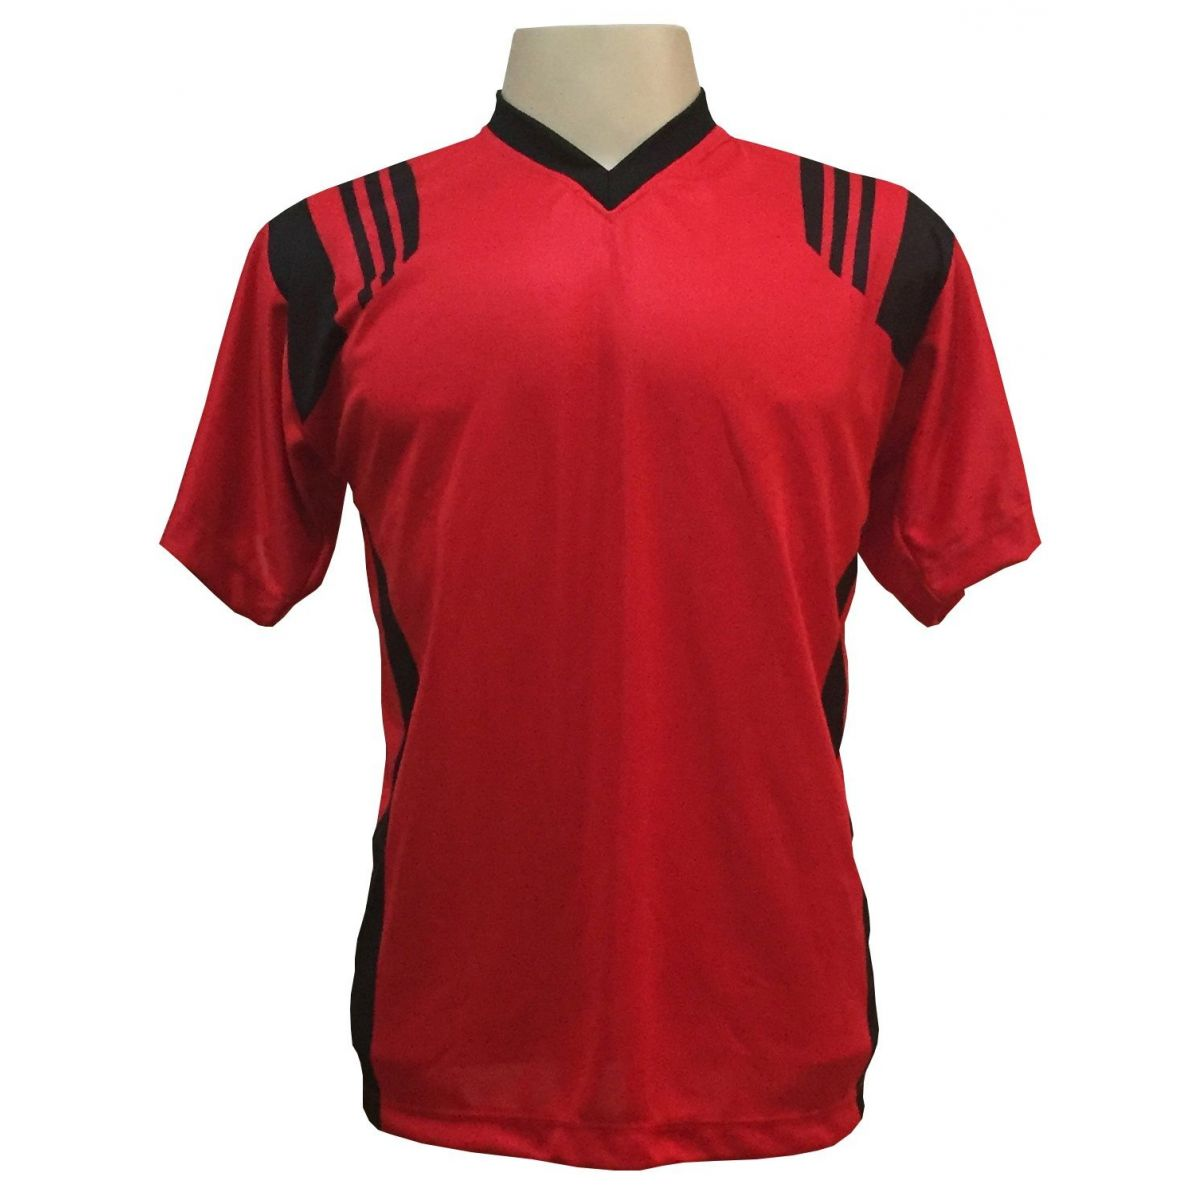 Uniforme Esportivo com 18 camisas modelo Roma Vermelho/Preto + 18 calções modelo Copa Preto/Vermelho + Brindes